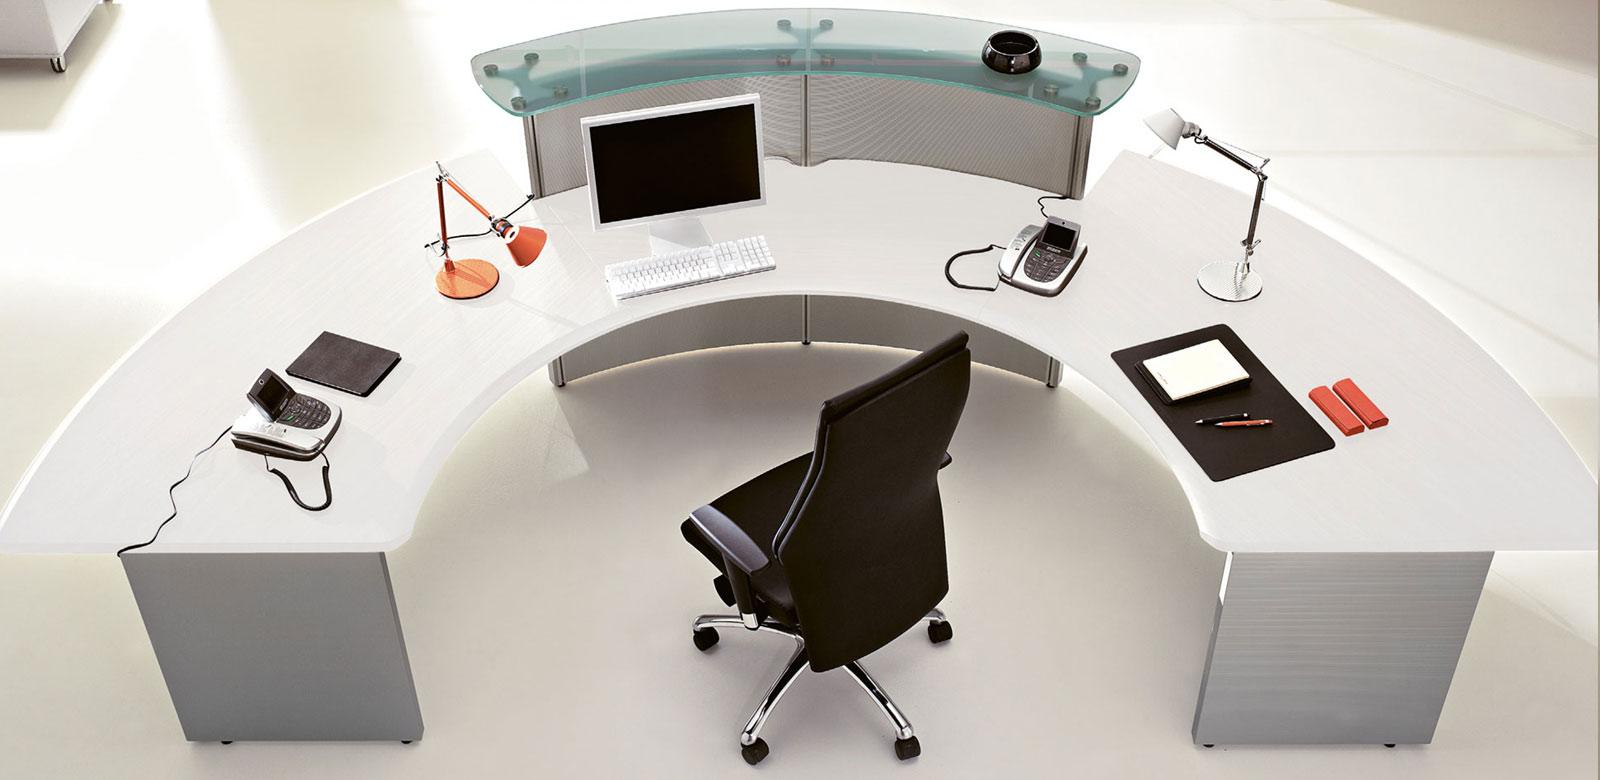 arredo ufficio: arredamento e mobili per ufficio su misura - atu ... - Mobili Per Ufficio Su